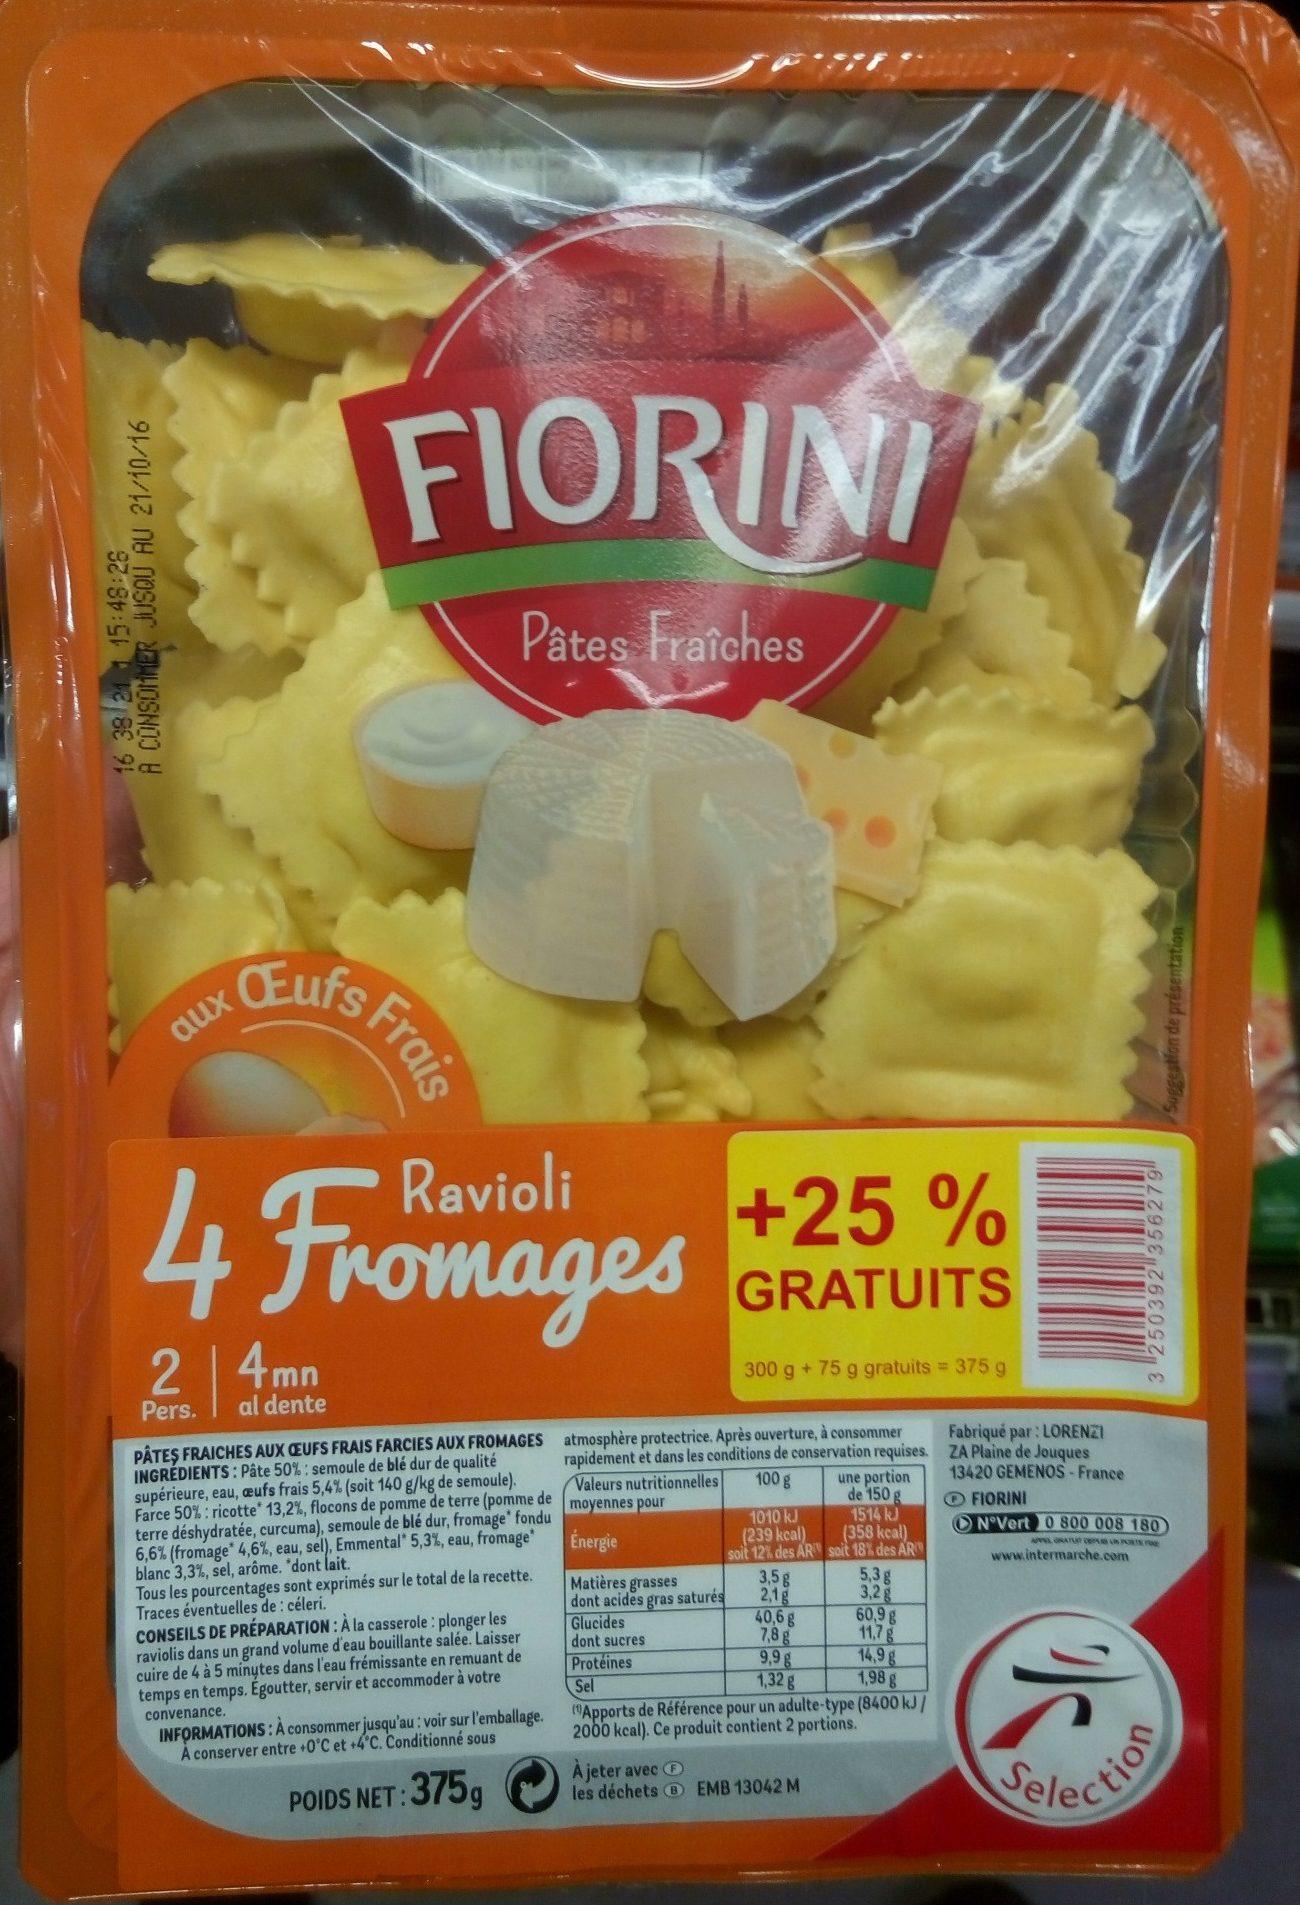 Ravioli 4 Fromages (+25 % gratuit) - Produit